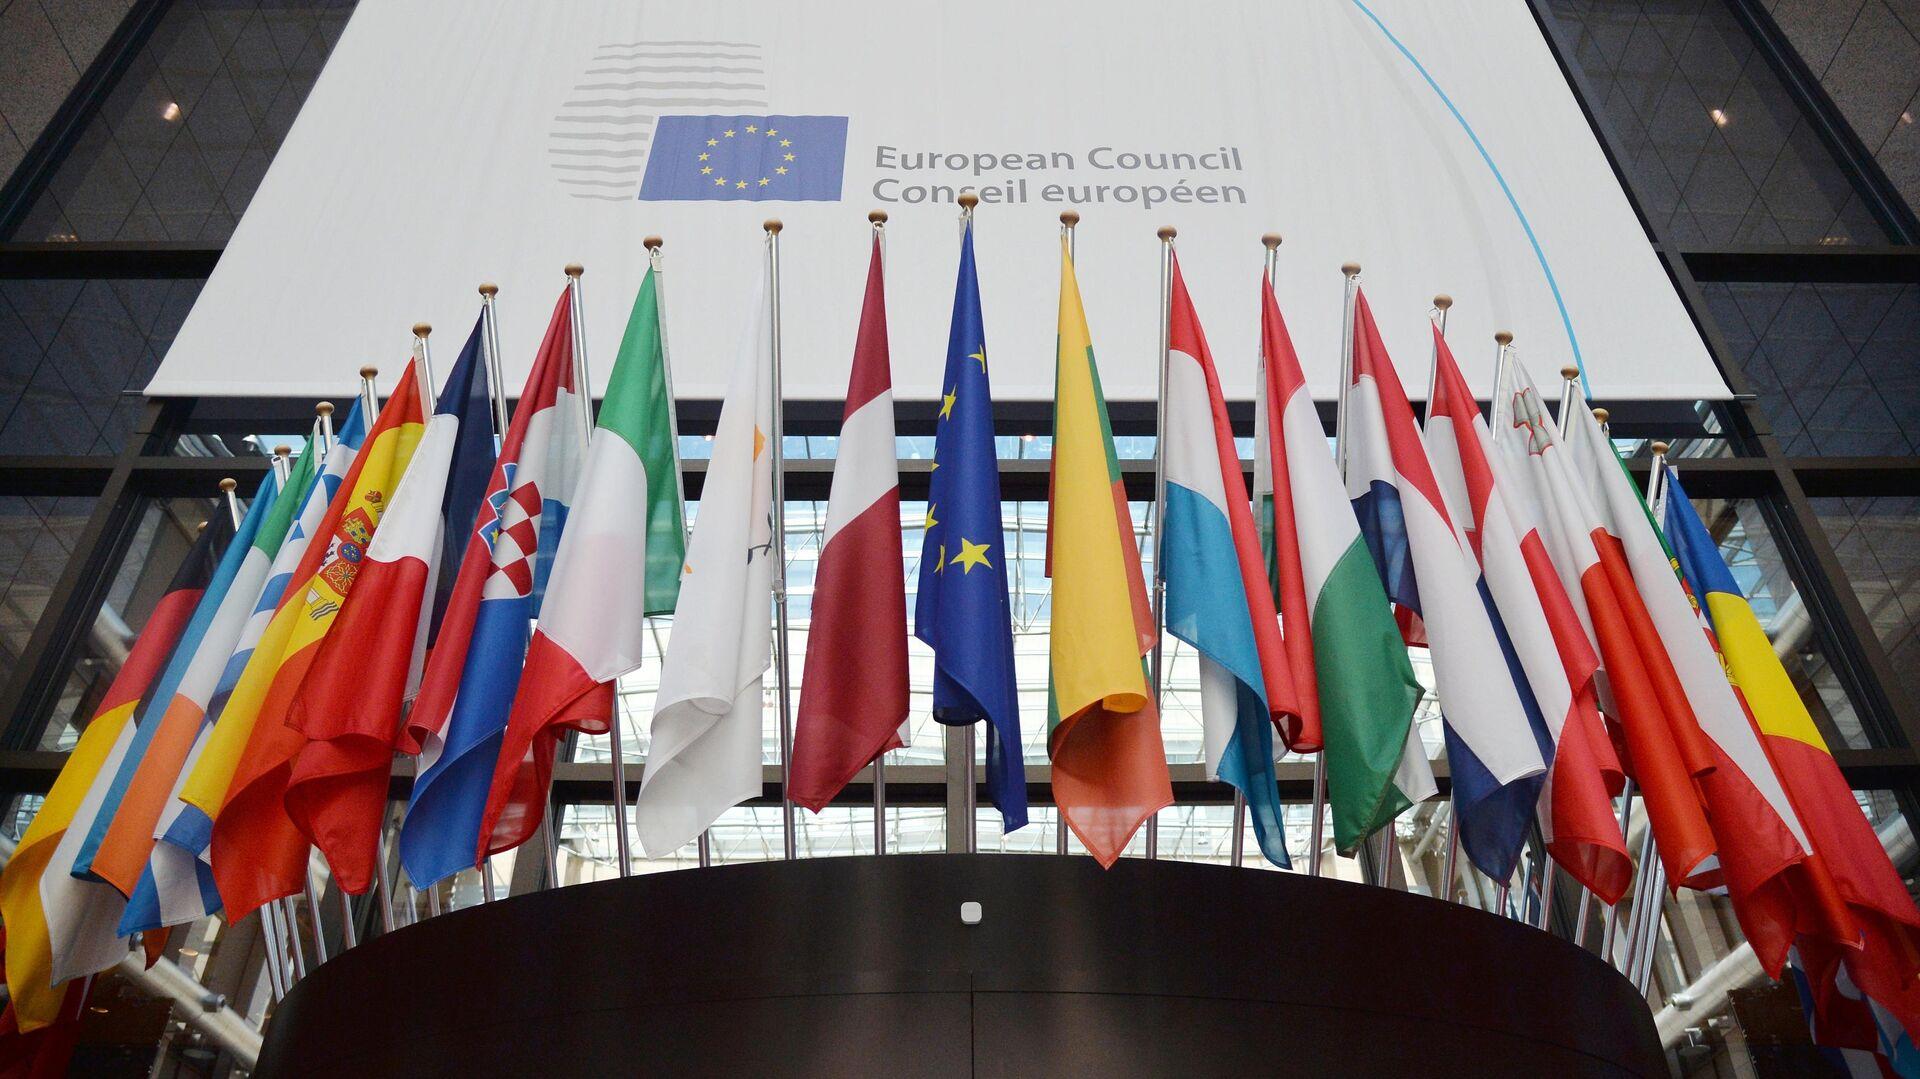 Флаги государств членов ЕС в здании Европейского Совета в Брюсселе - РИА Новости, 1920, 15.03.2021